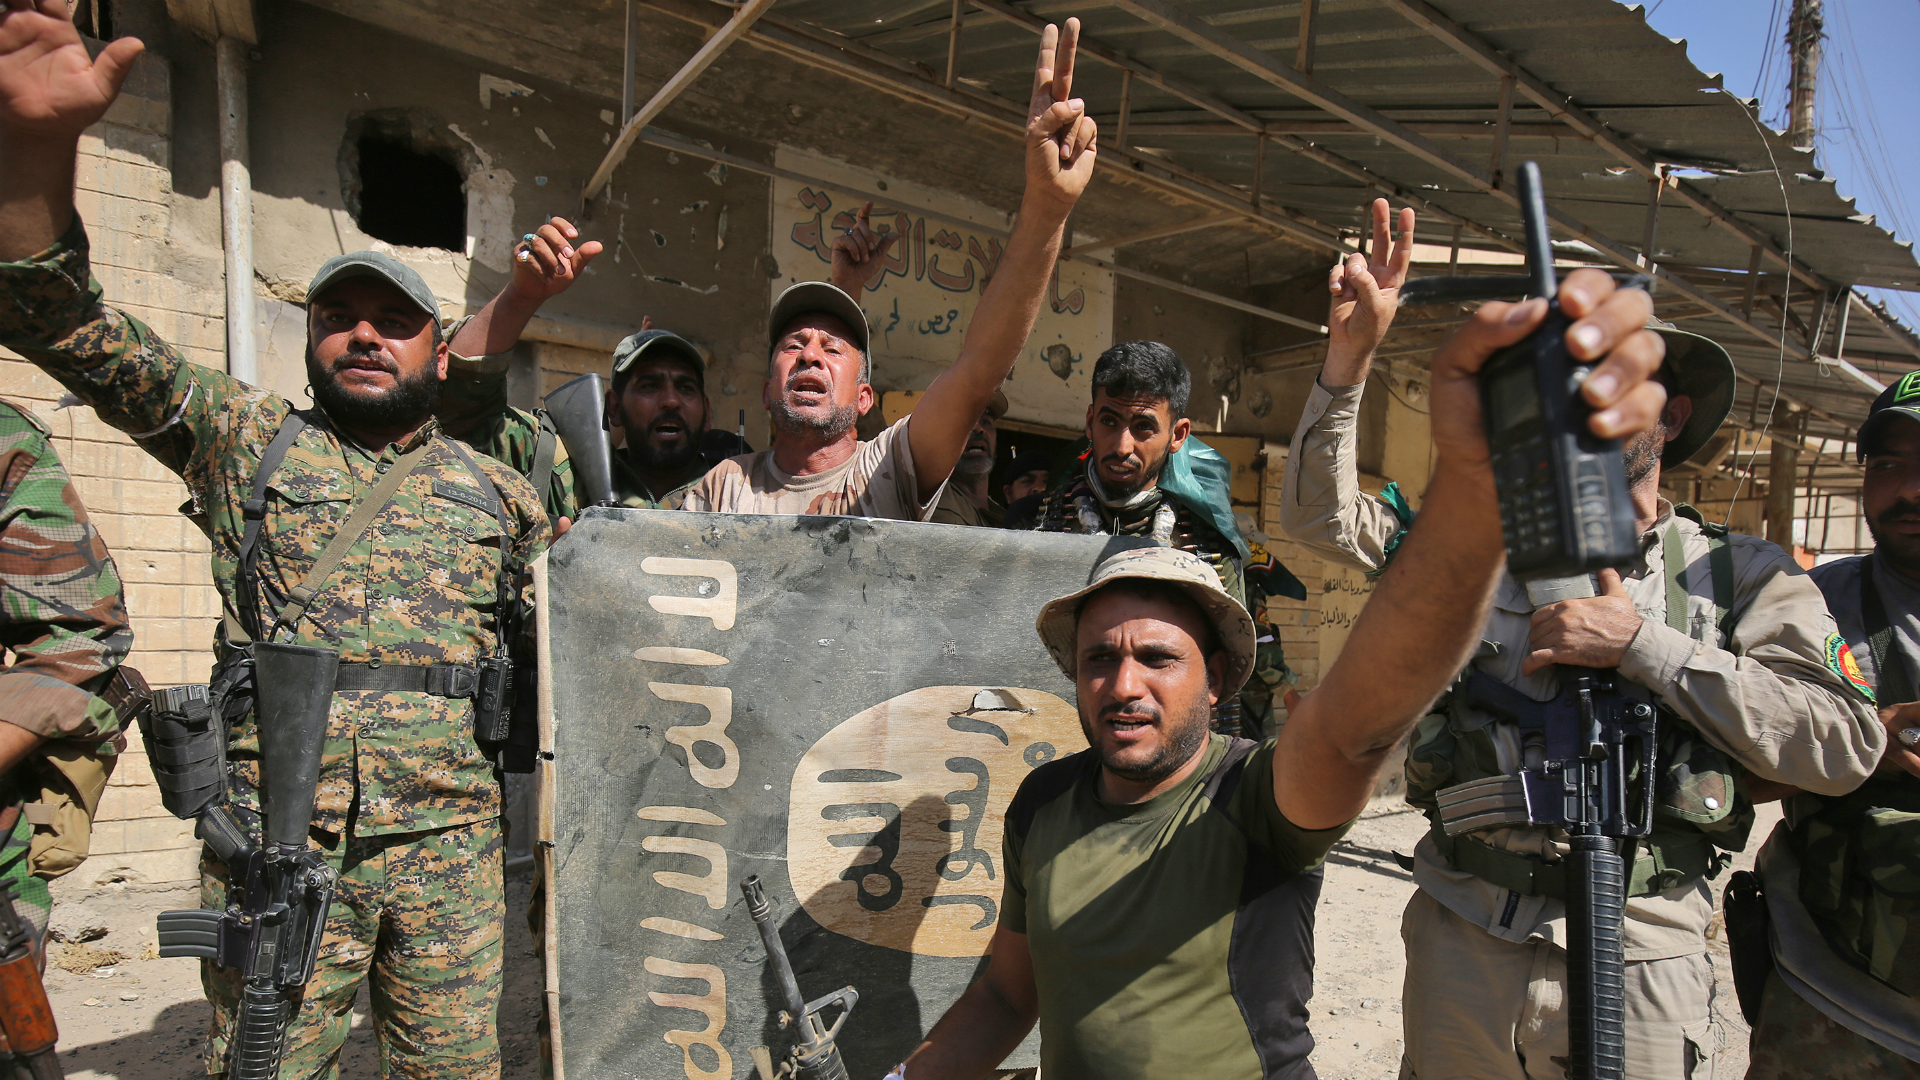 Milicianos de Hashd al Shaabi sostienen una bandera del ISIS mienstras celebran la conquista de otro barrio (AFP)